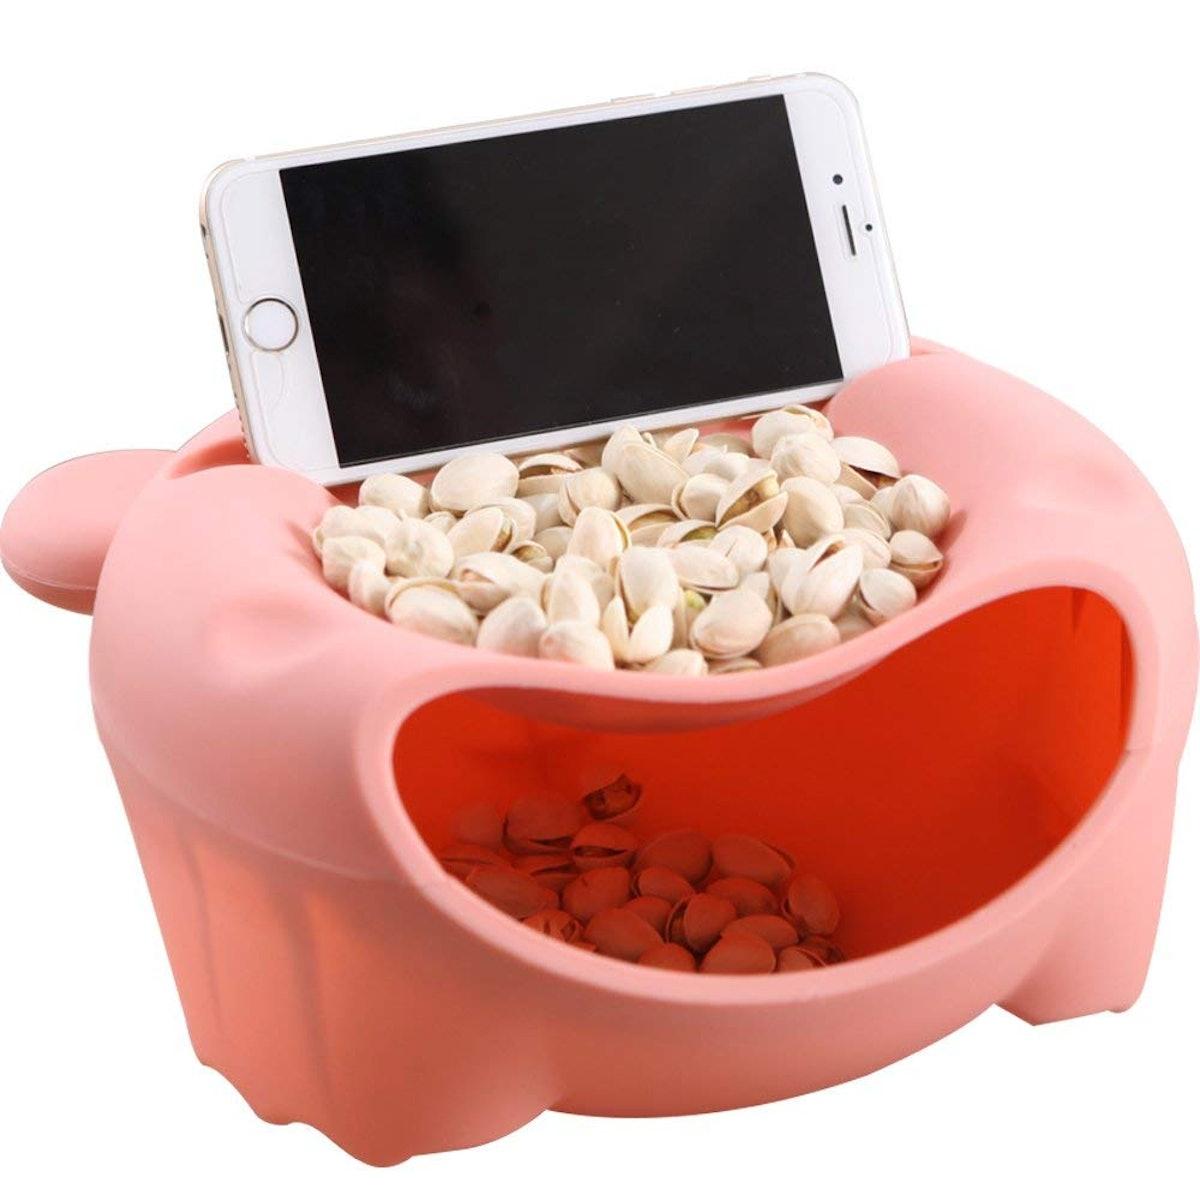 Hipat Snack Bowl